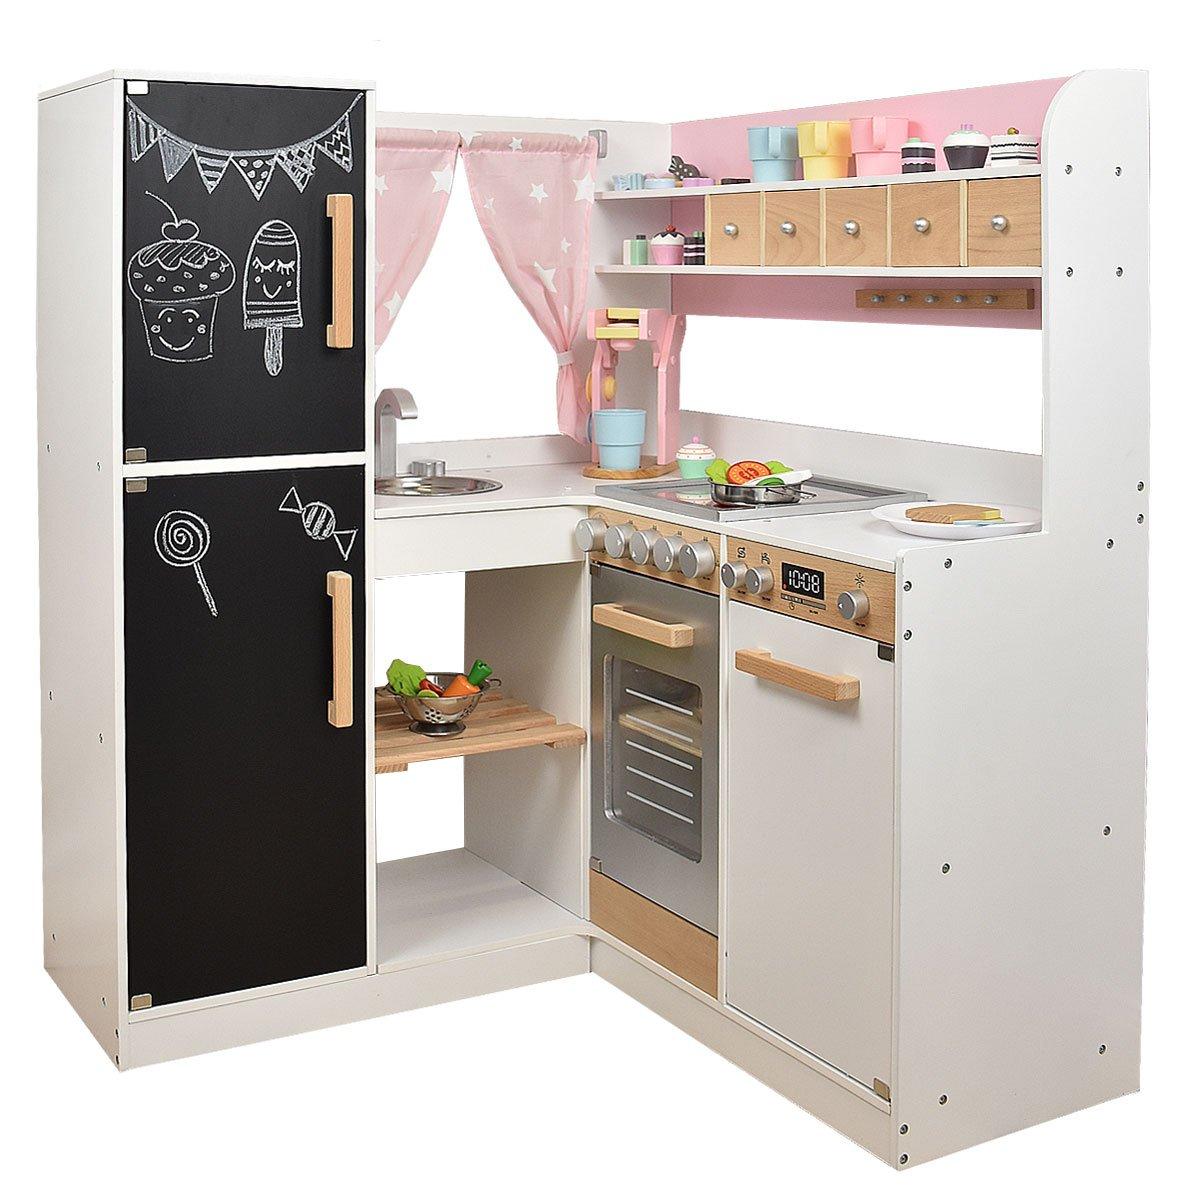 Sun Kinderküche Paris XXL aus Holz - Eckküche